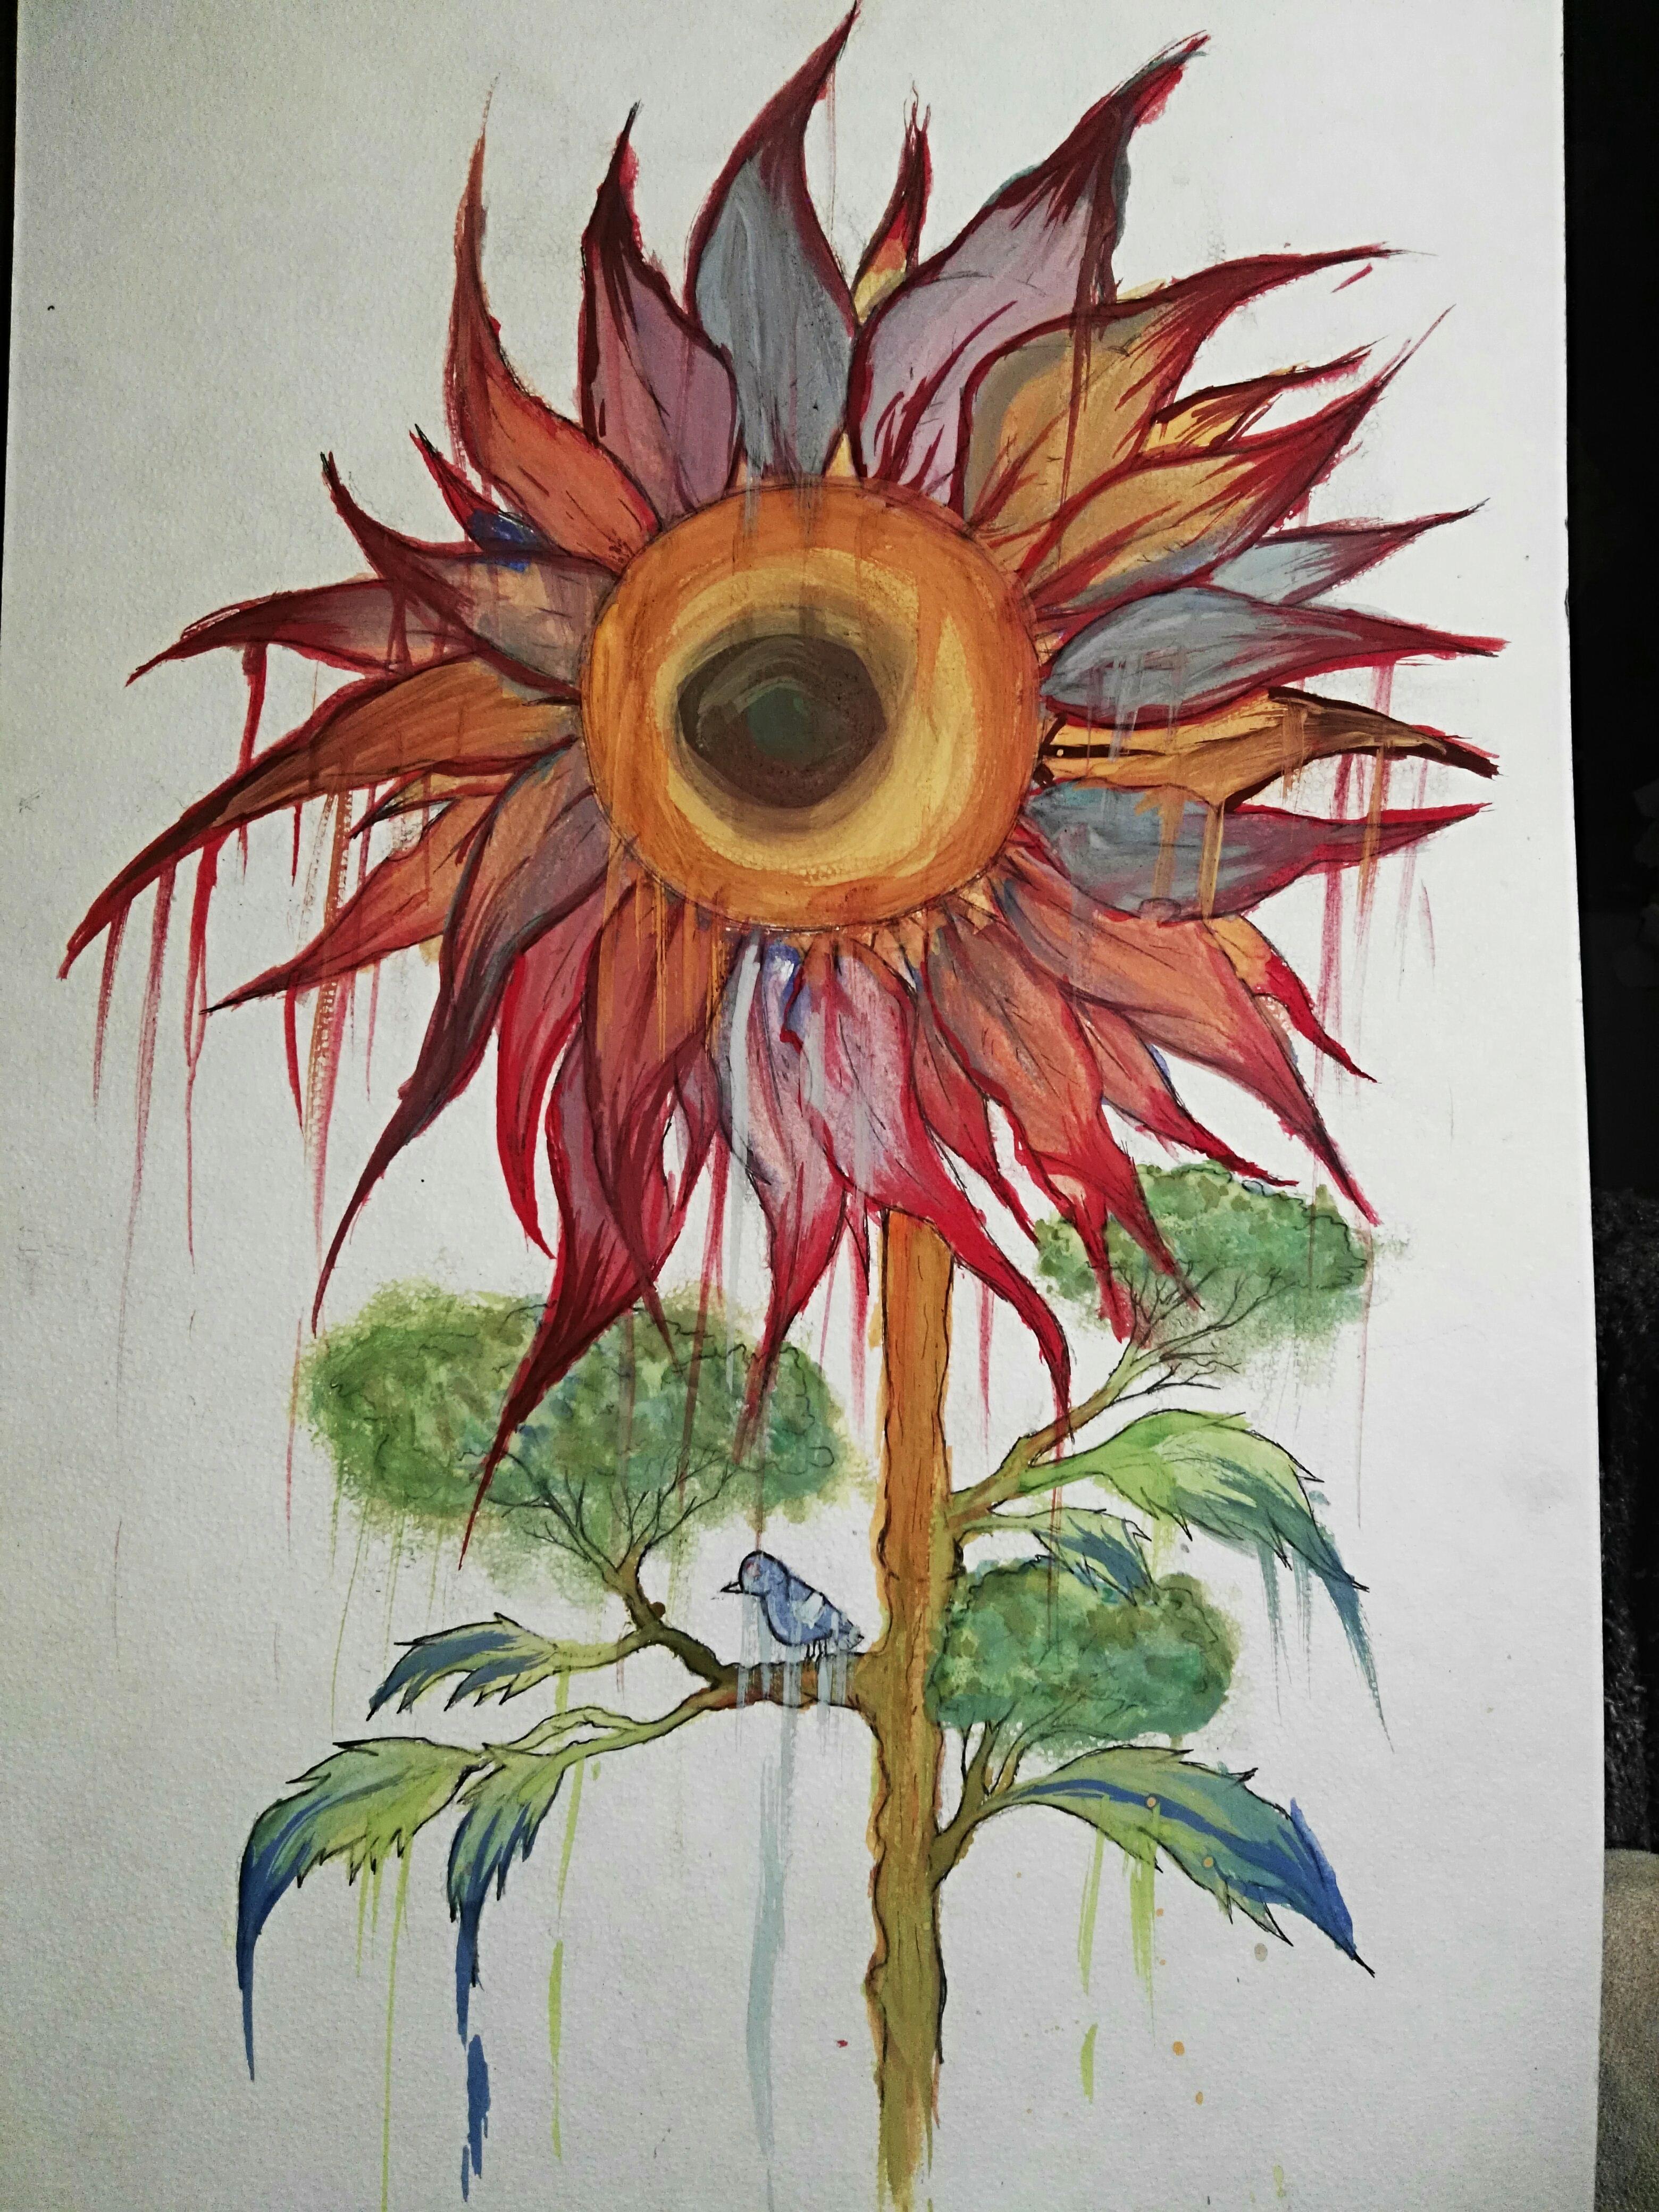 Art ID: 124016